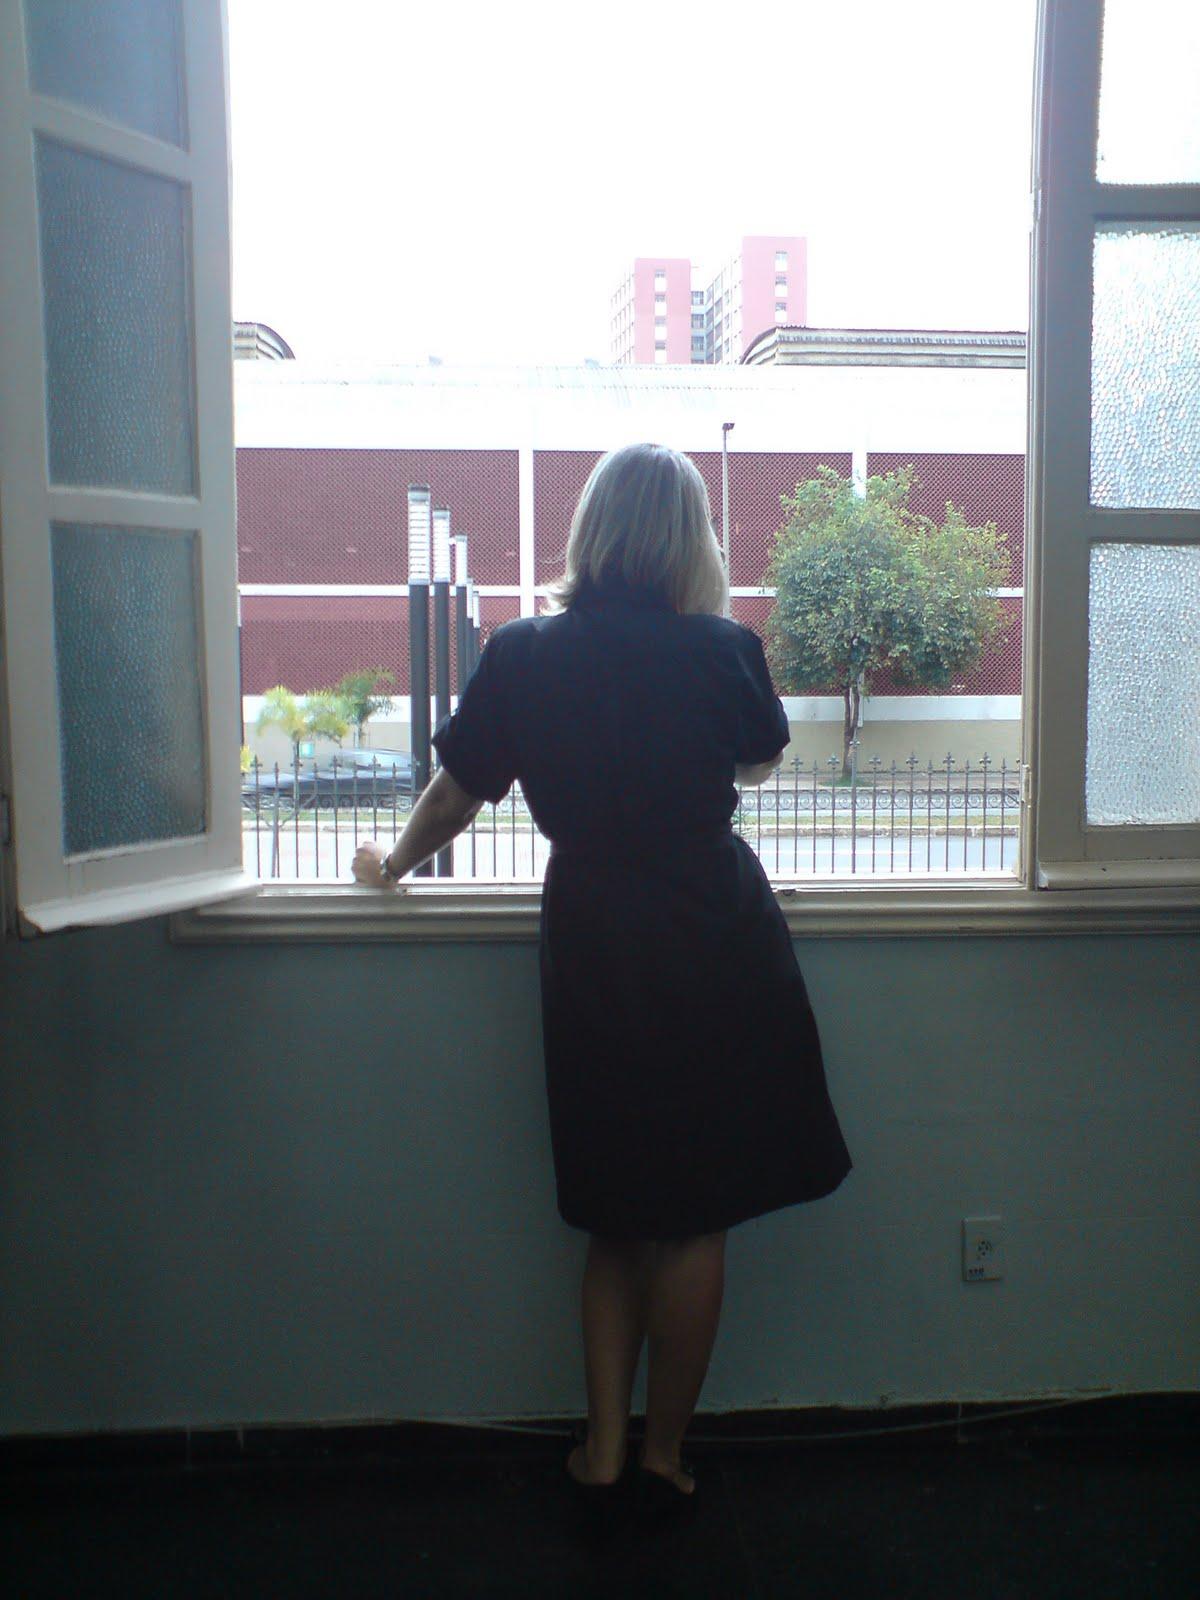 #516C7A Belo Horizonte (MG) Loura e janela O mundo é plano 514 Janelas Em Aluminio Belo Horizonte